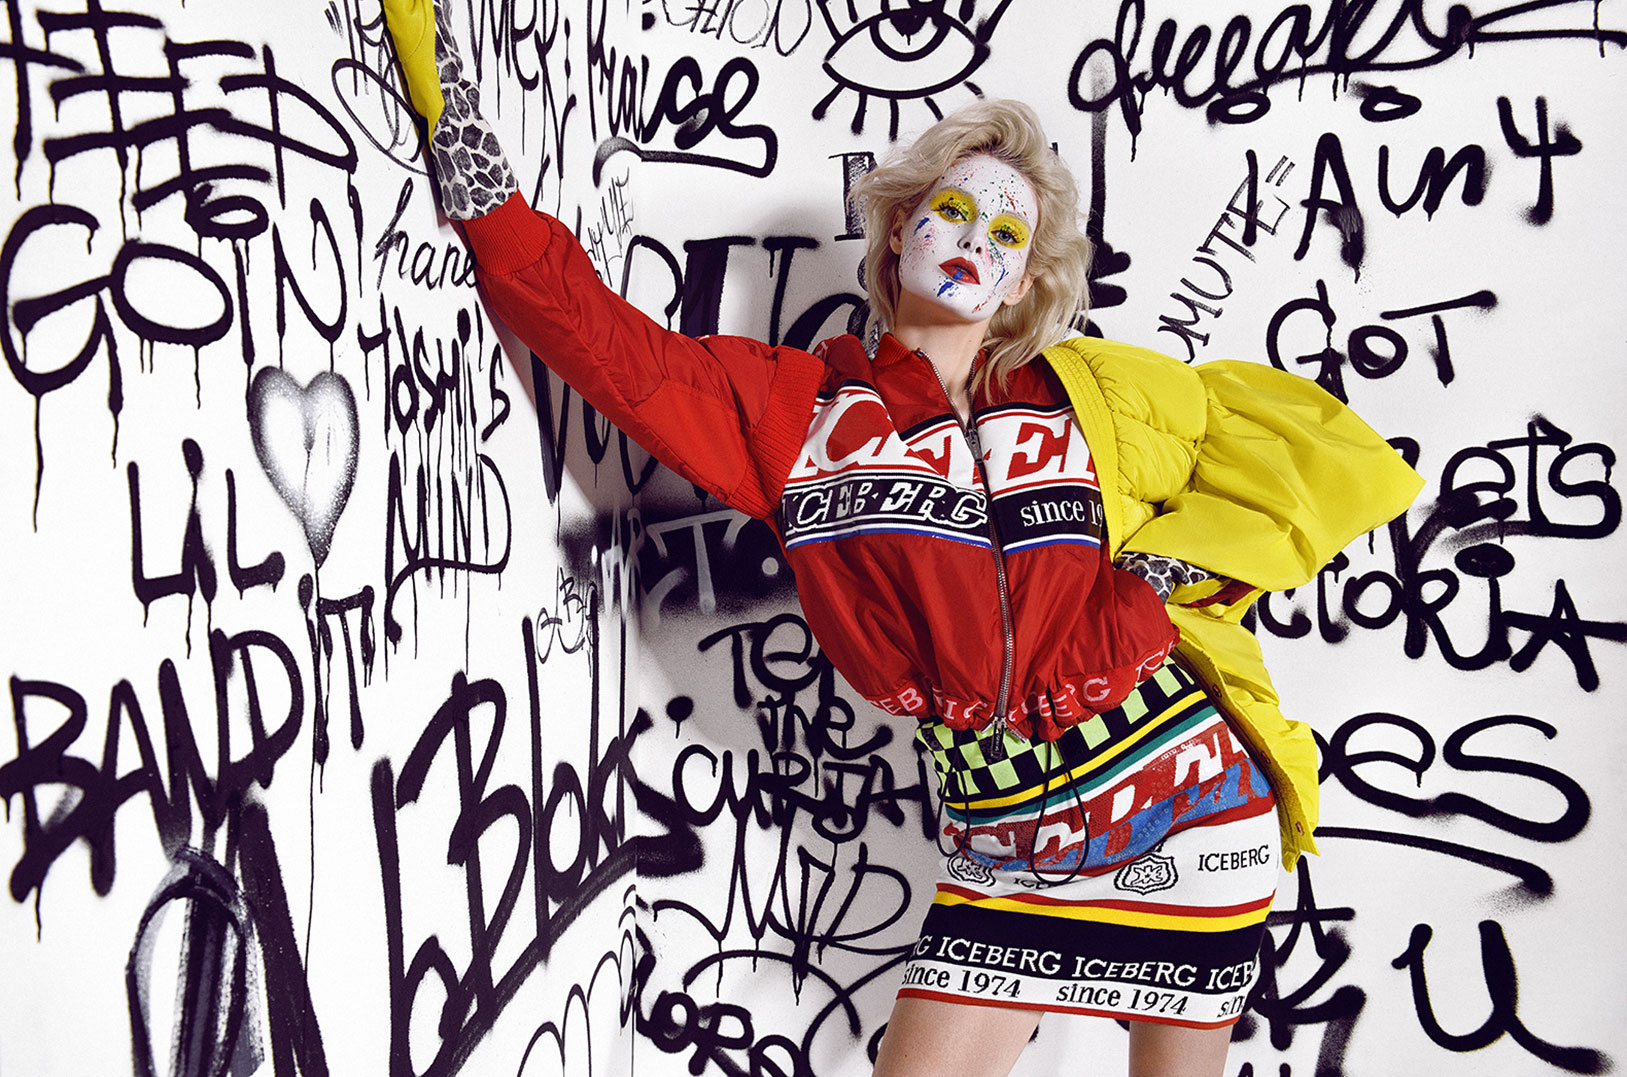 Модные тенденции и современная культура / фото 14